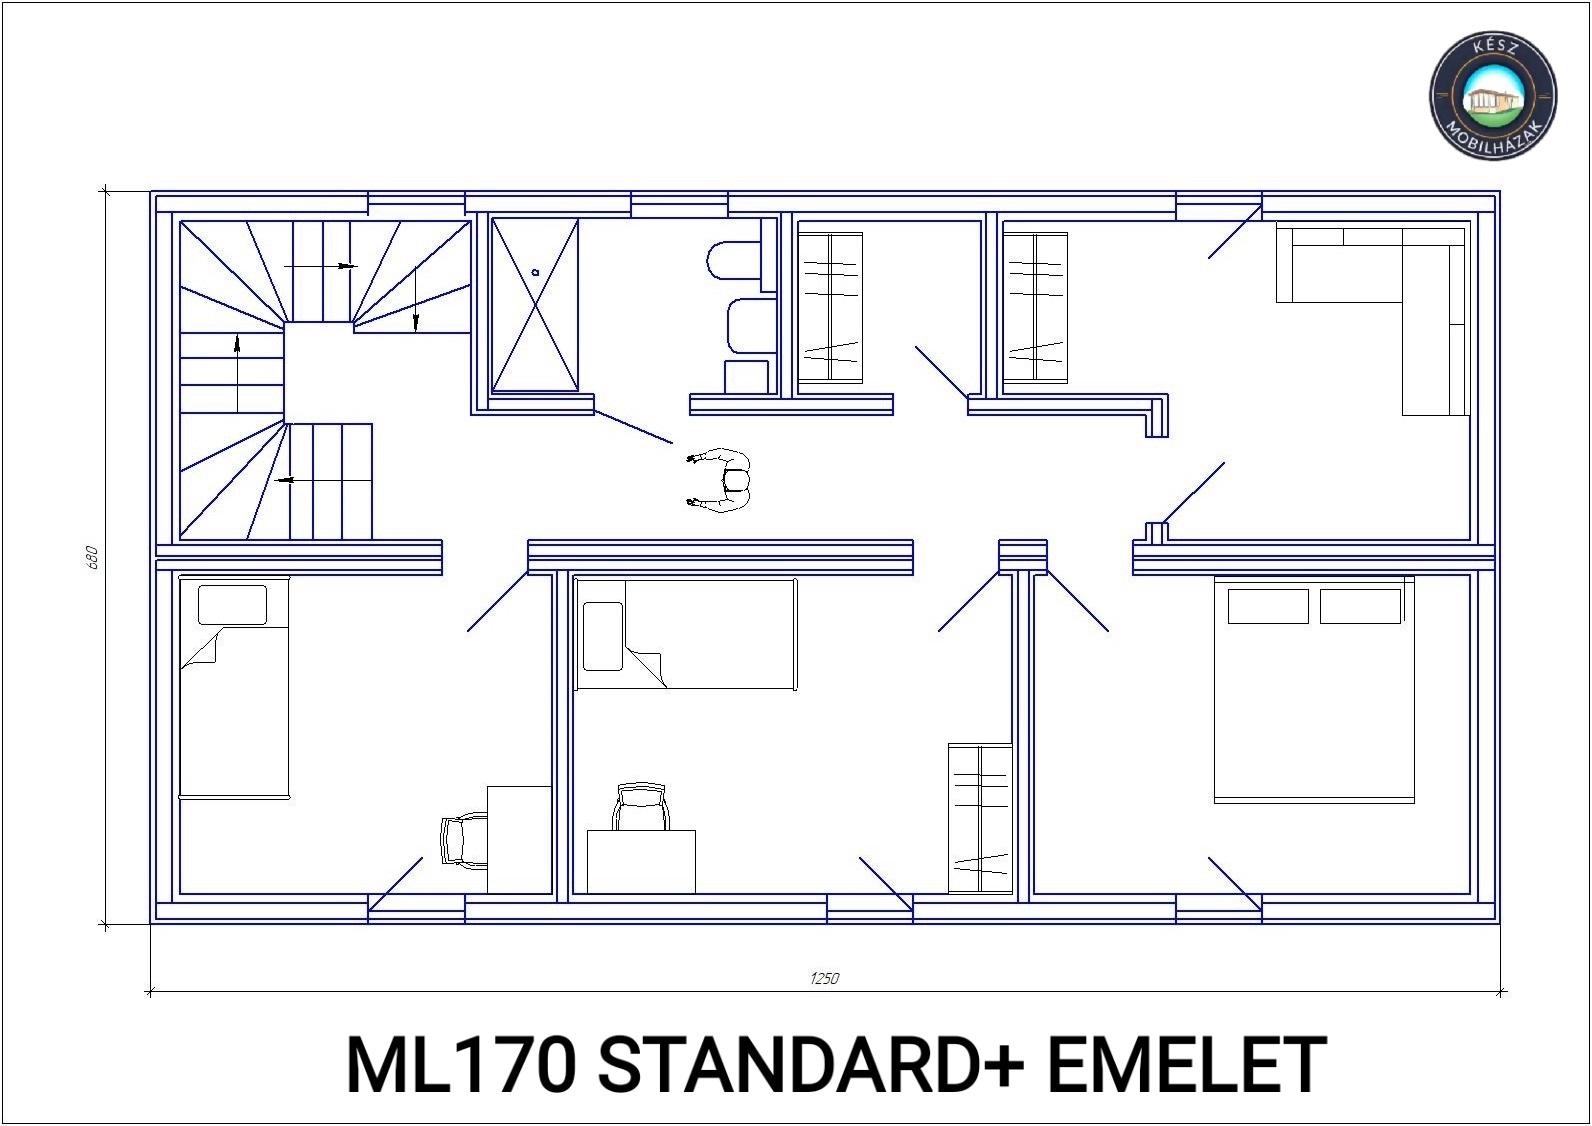 ML170 emelet